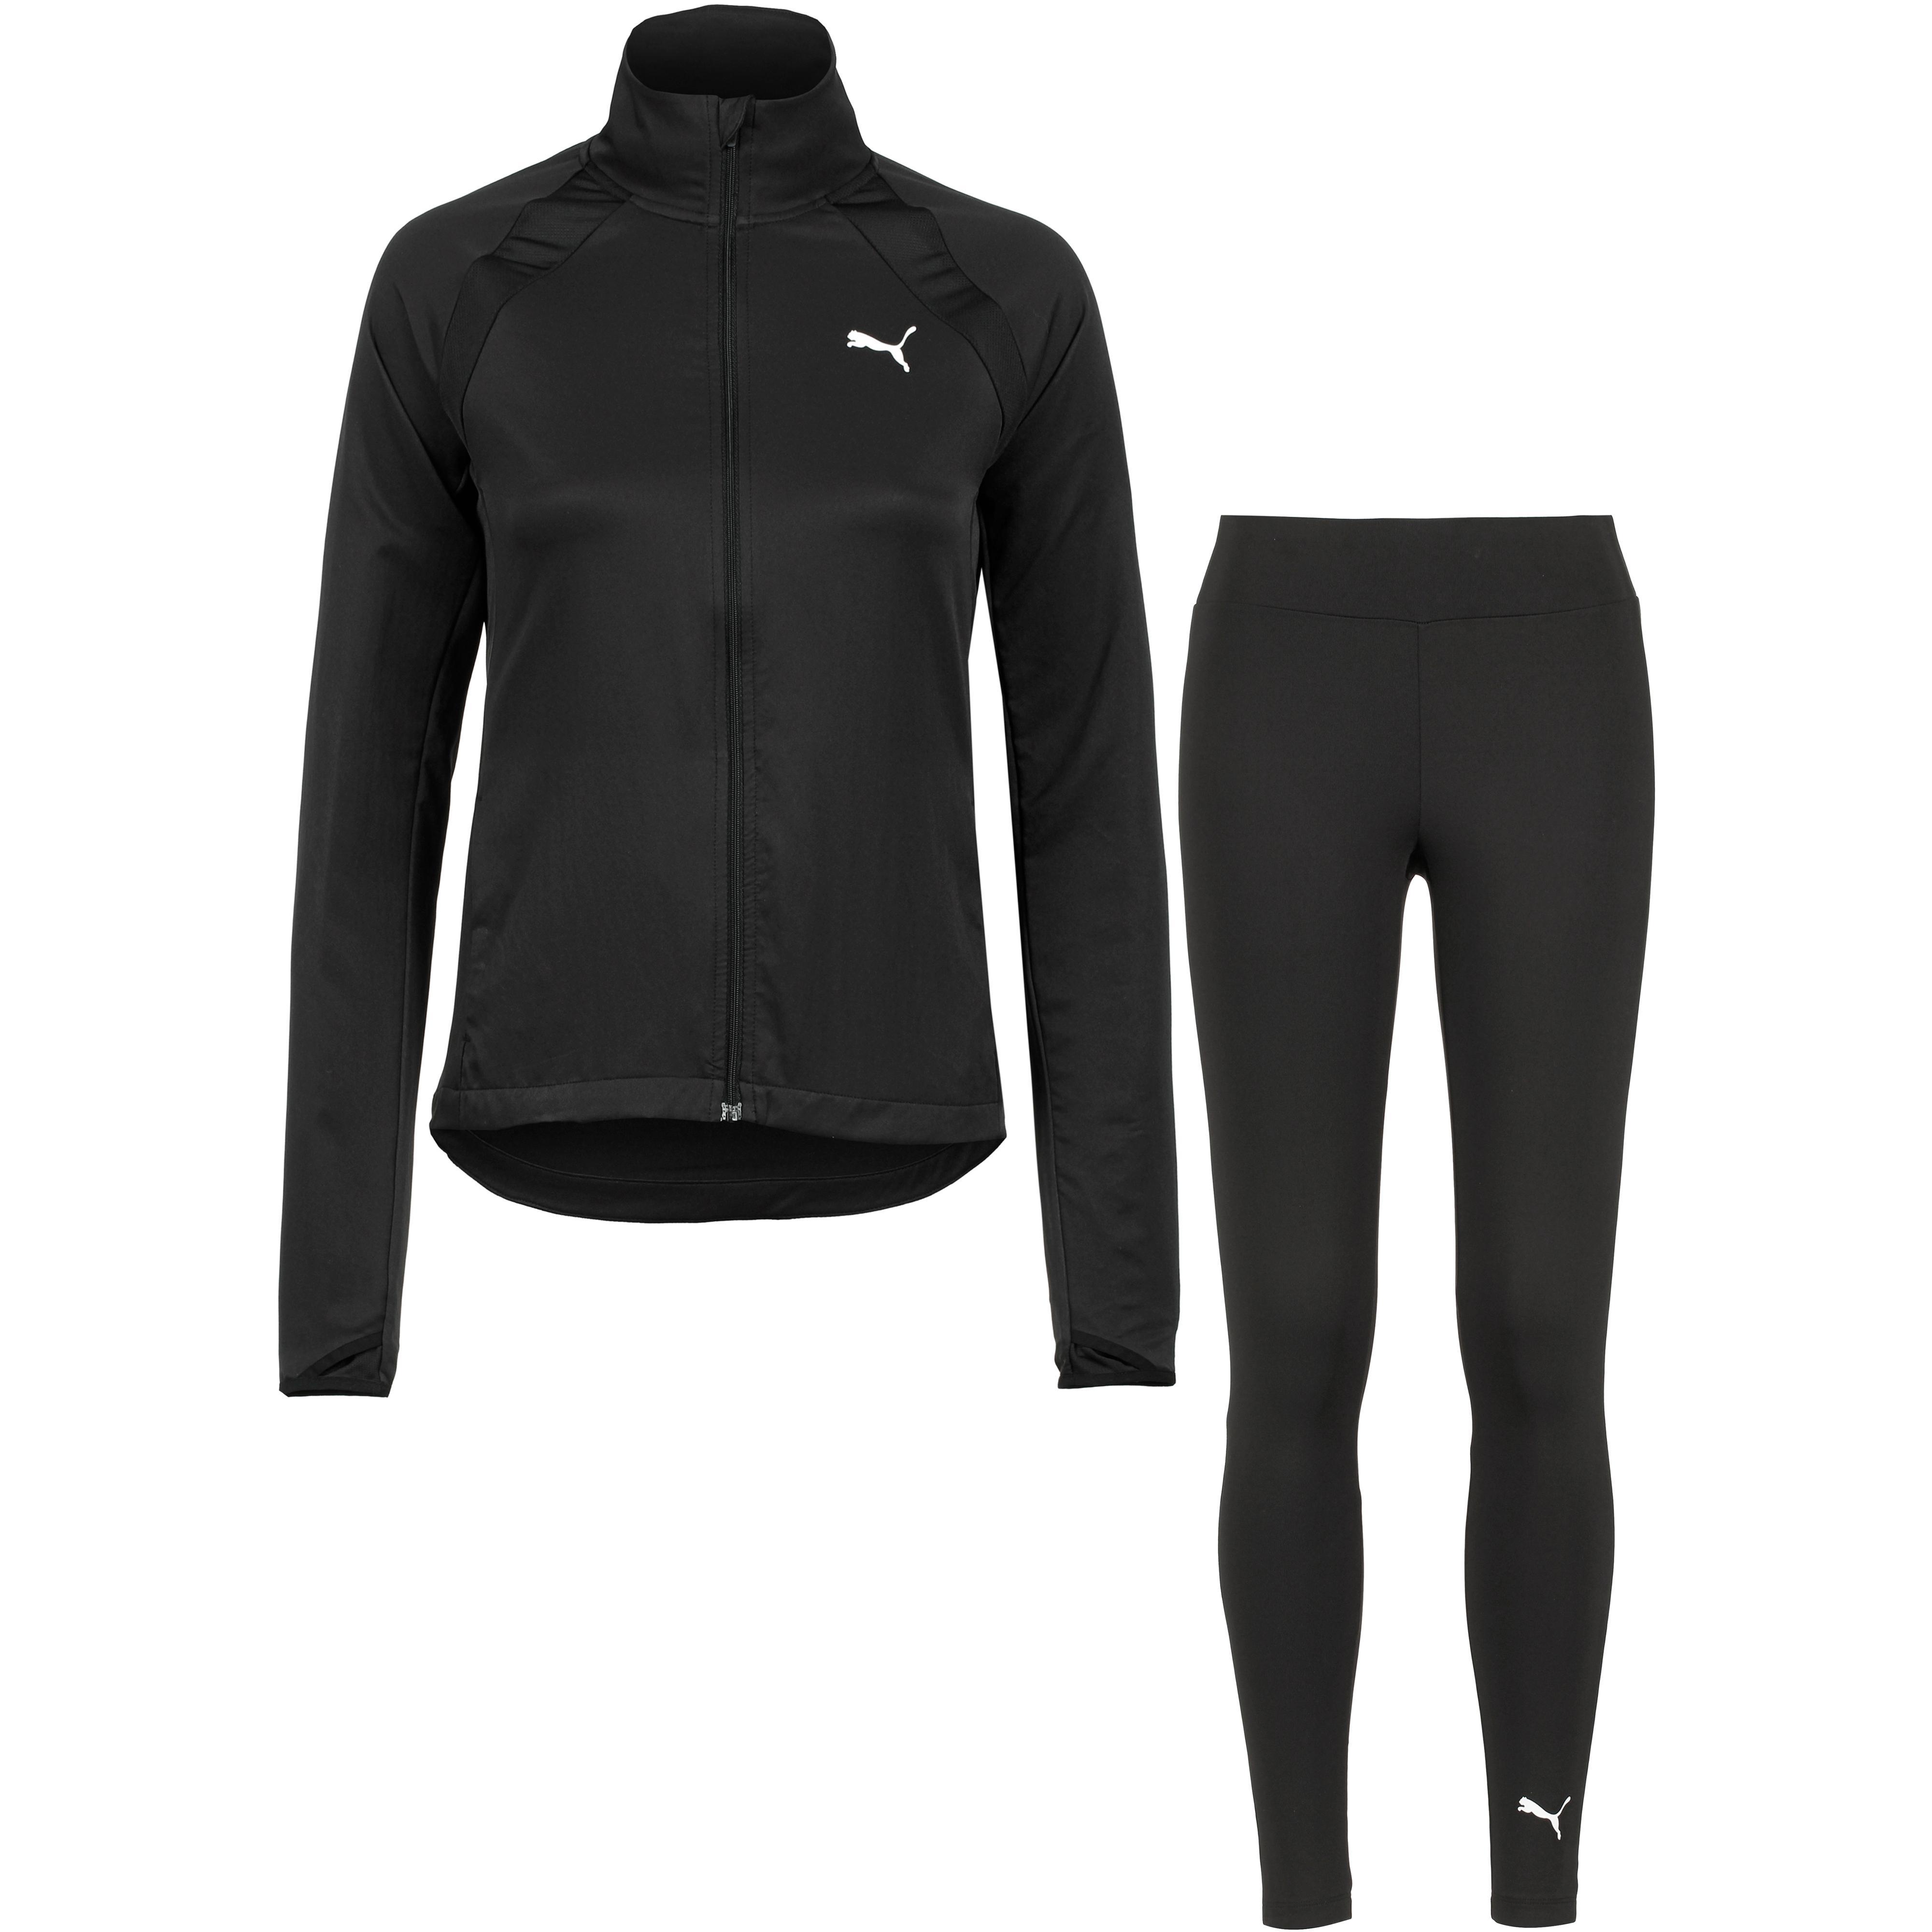 PUMA Yoga Inspired Trainingsanzug Damen puma black im Online Shop von SportScheck kaufen